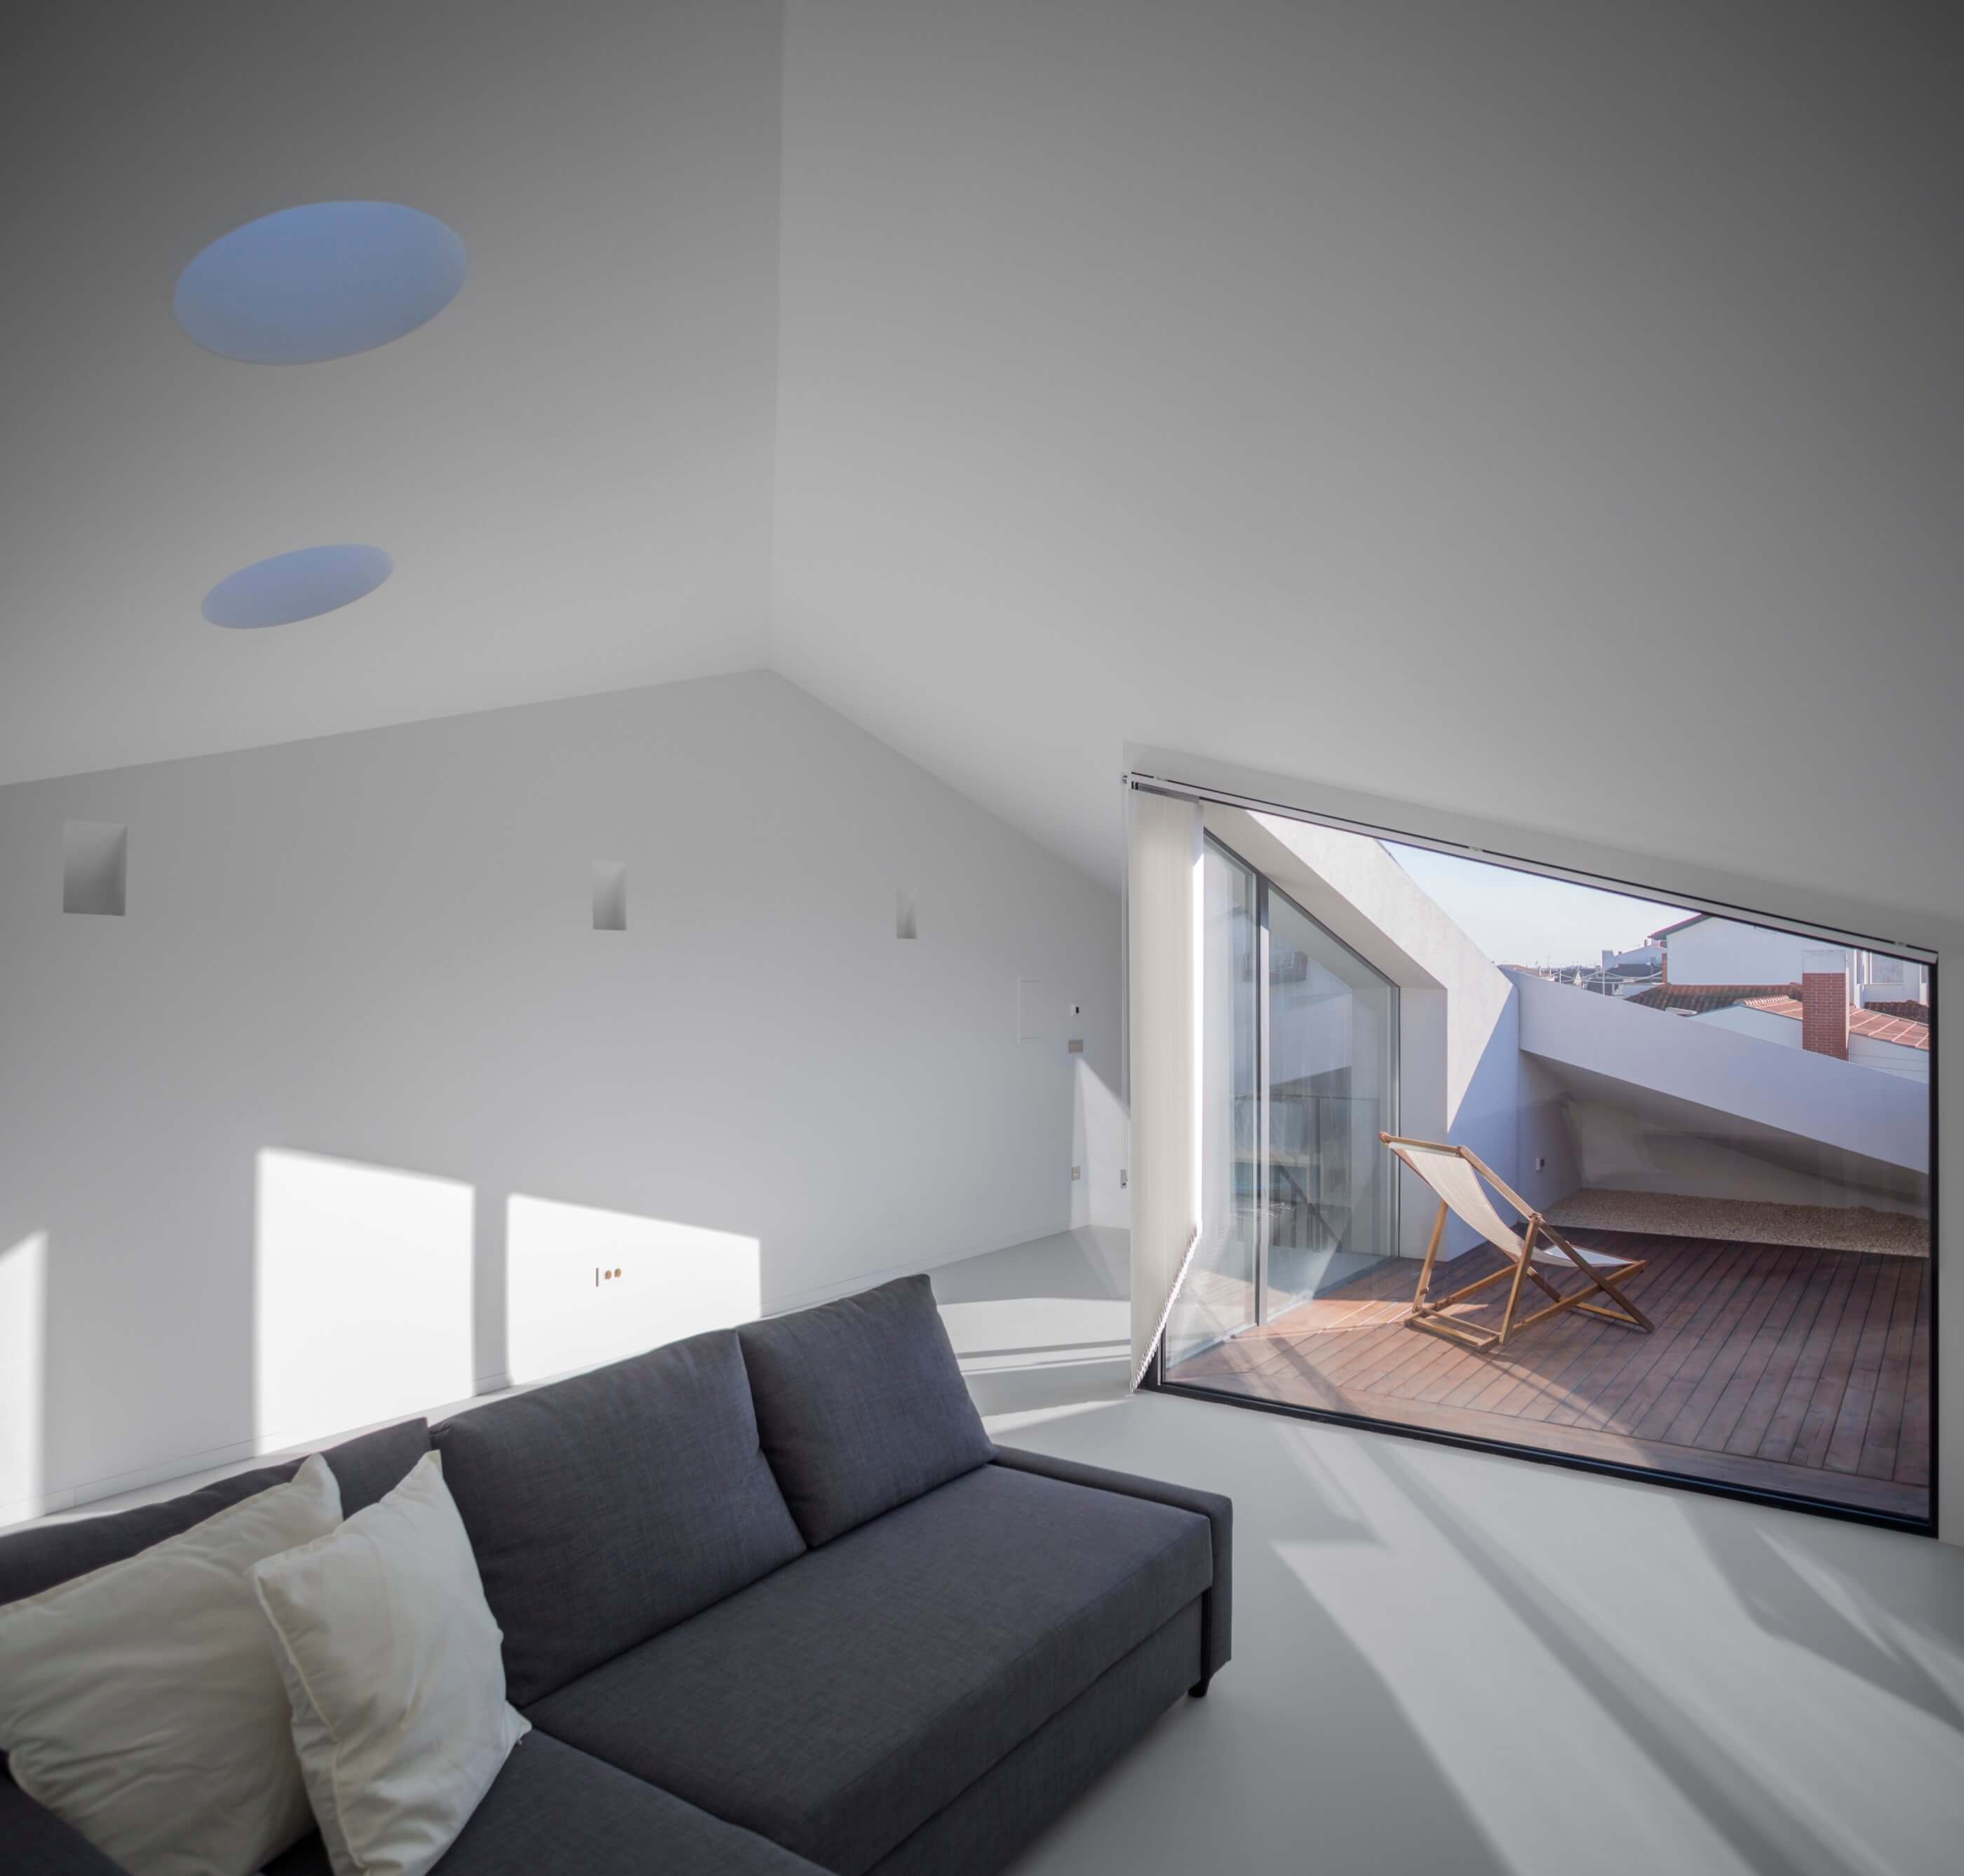 Arquitecto Lousinha Casa Fontes 33 do fotografo Ivo Tavares Studio